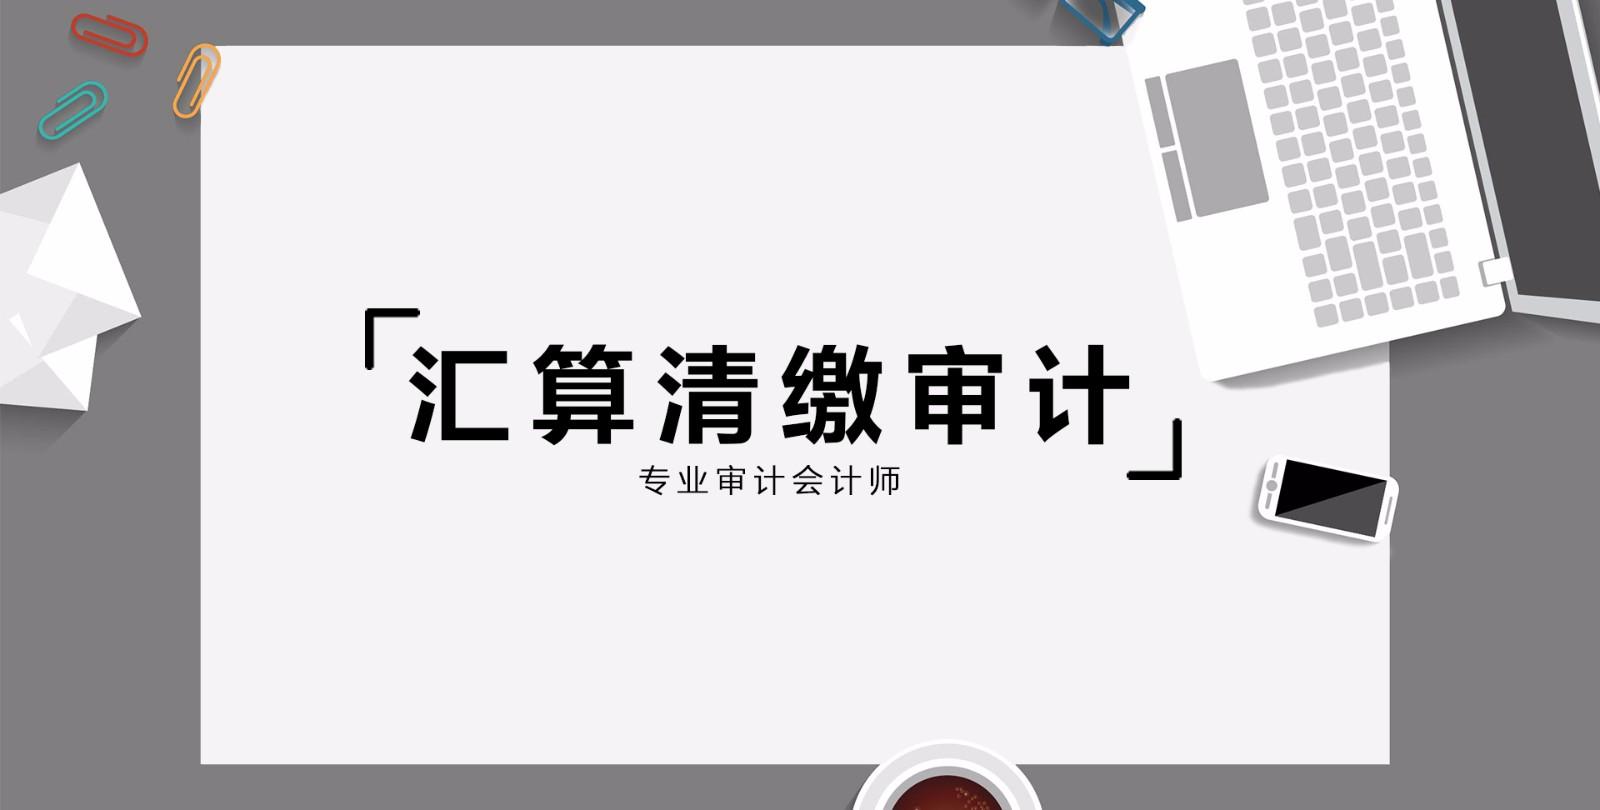 武汉汇算清缴_工商年检_武汉万创企业管理有限公司